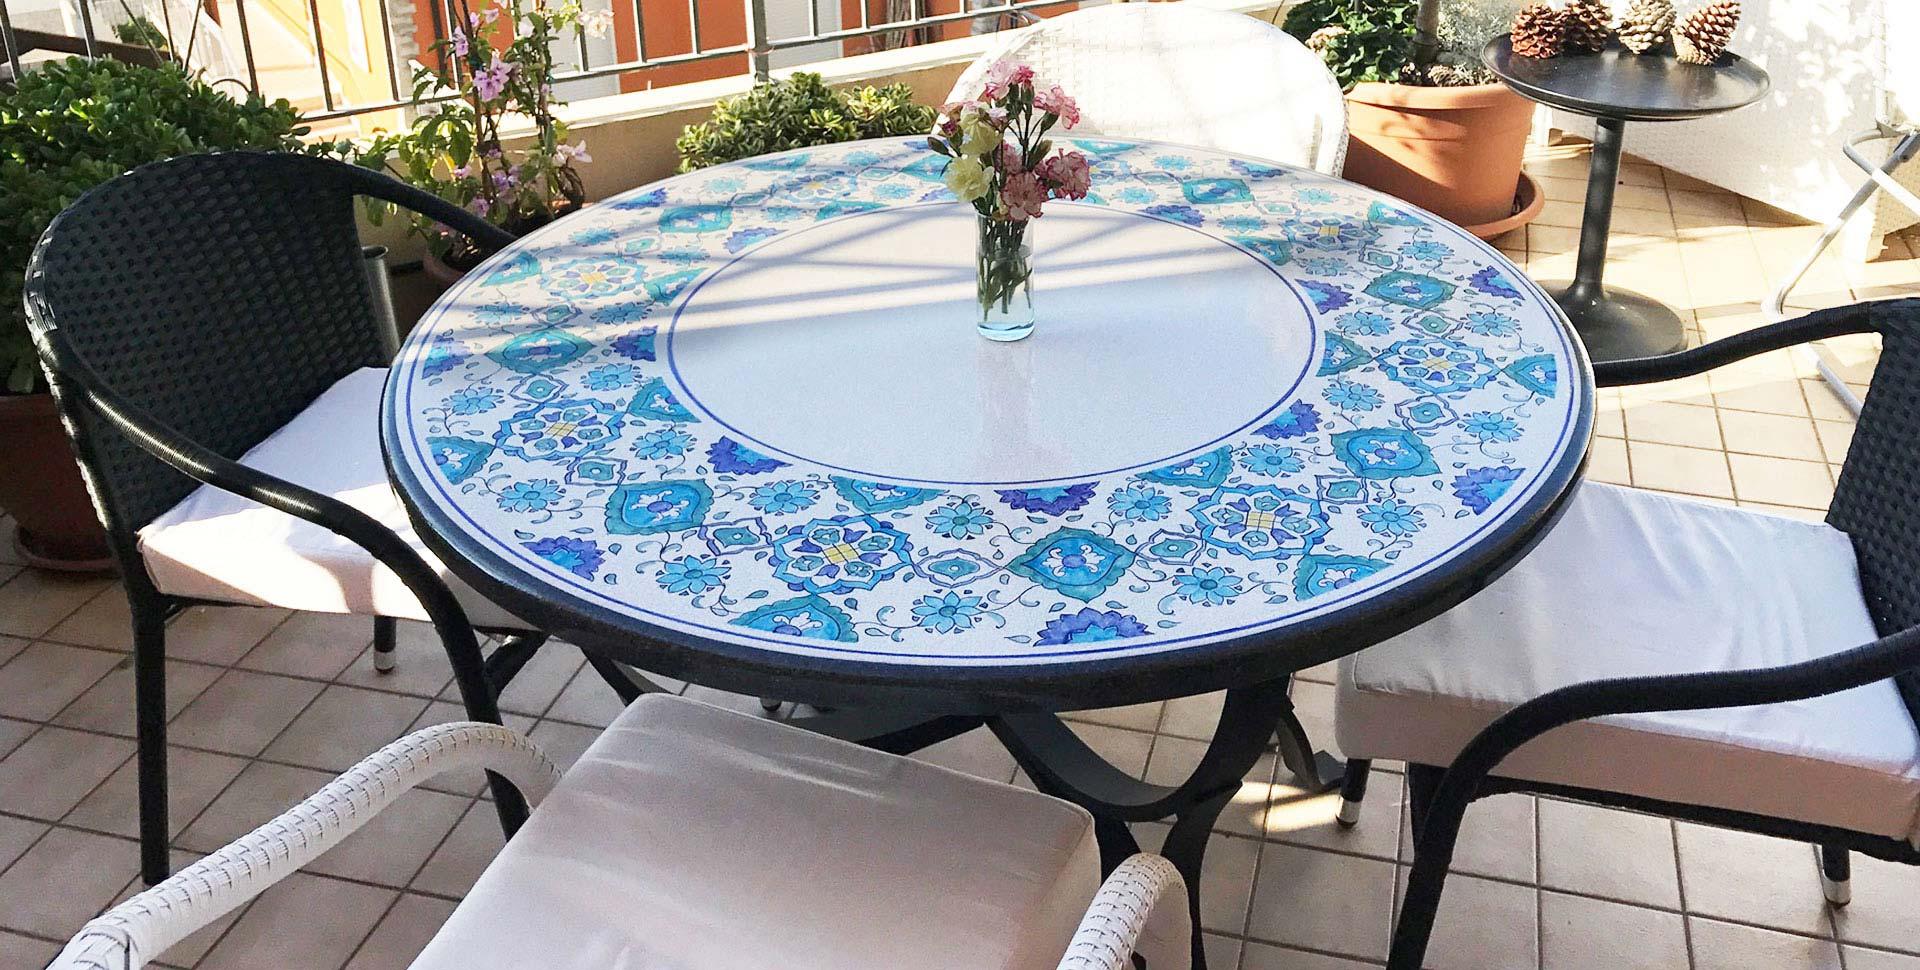 Tavoli In Pietra Prezzi.Tavoli In Pietra Lavica Decorati A Mano Info E Prezzi Artesole